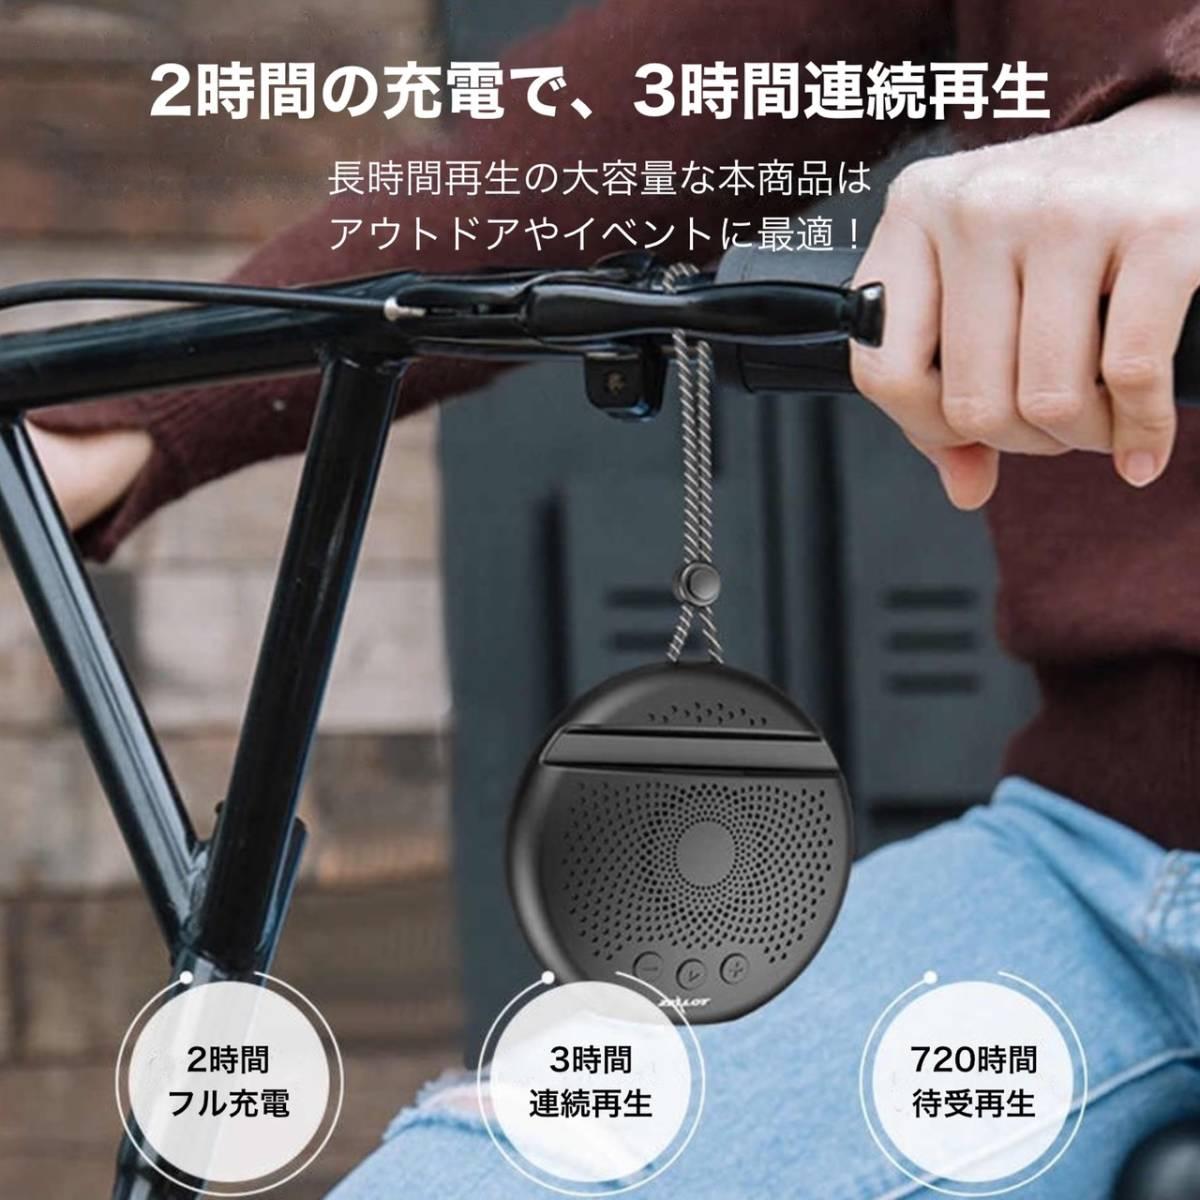 スピーカー ブルートゥース ワイヤレス ポータブル Bluetooth5.0 iPhone Android スタンド 高音質 防水 重低音 タブレット 送料無料_画像2